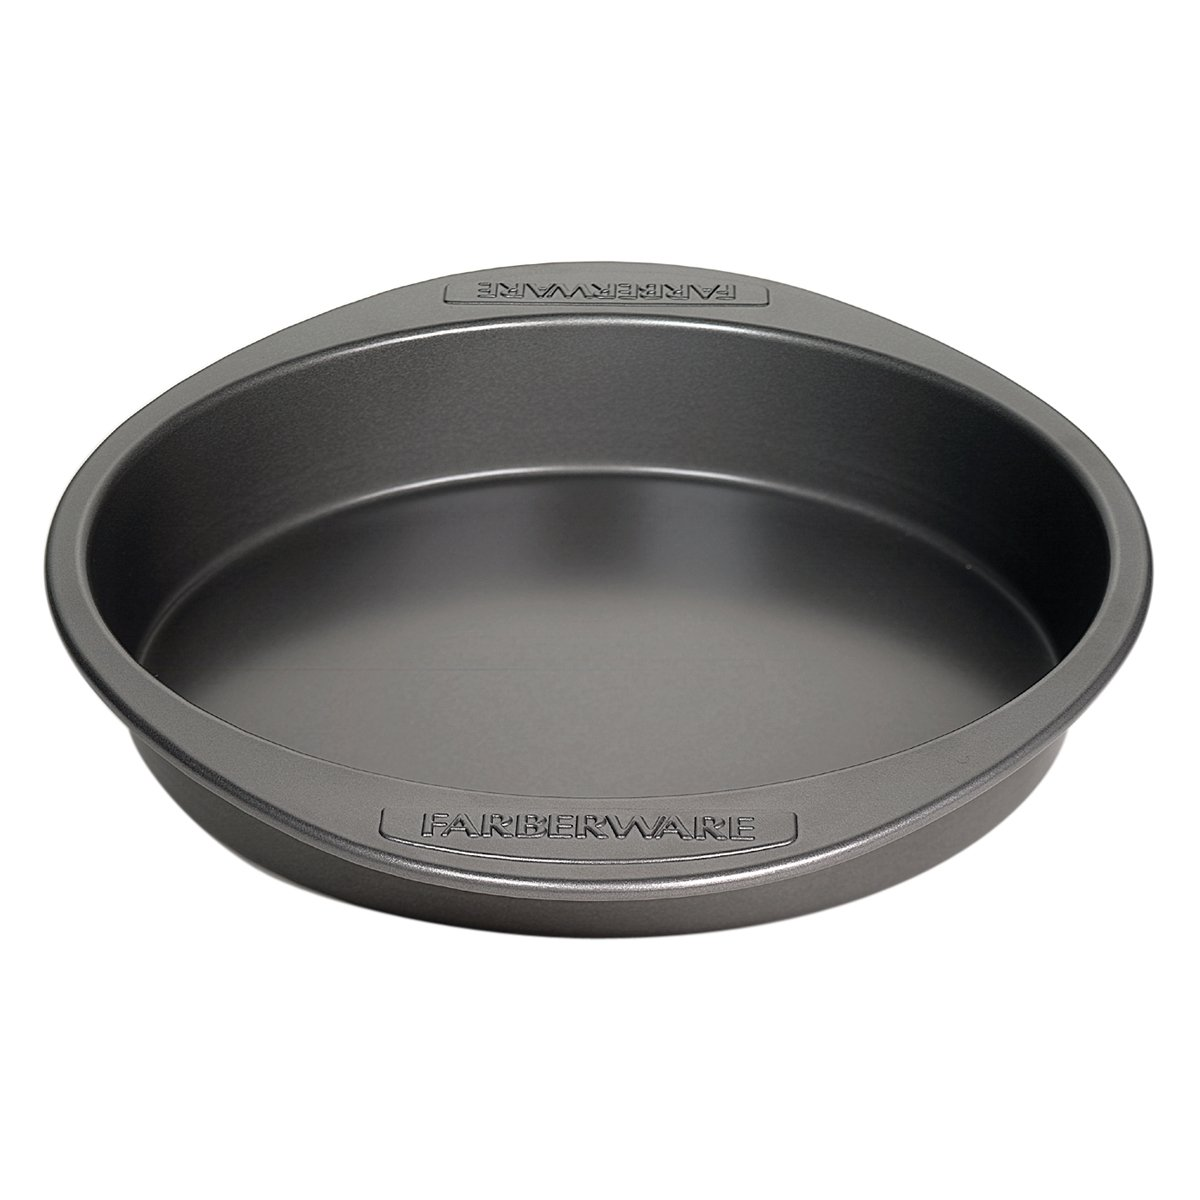 Farberware Nonstick Bakeware 9-Inch Round Cake Pan, Gray